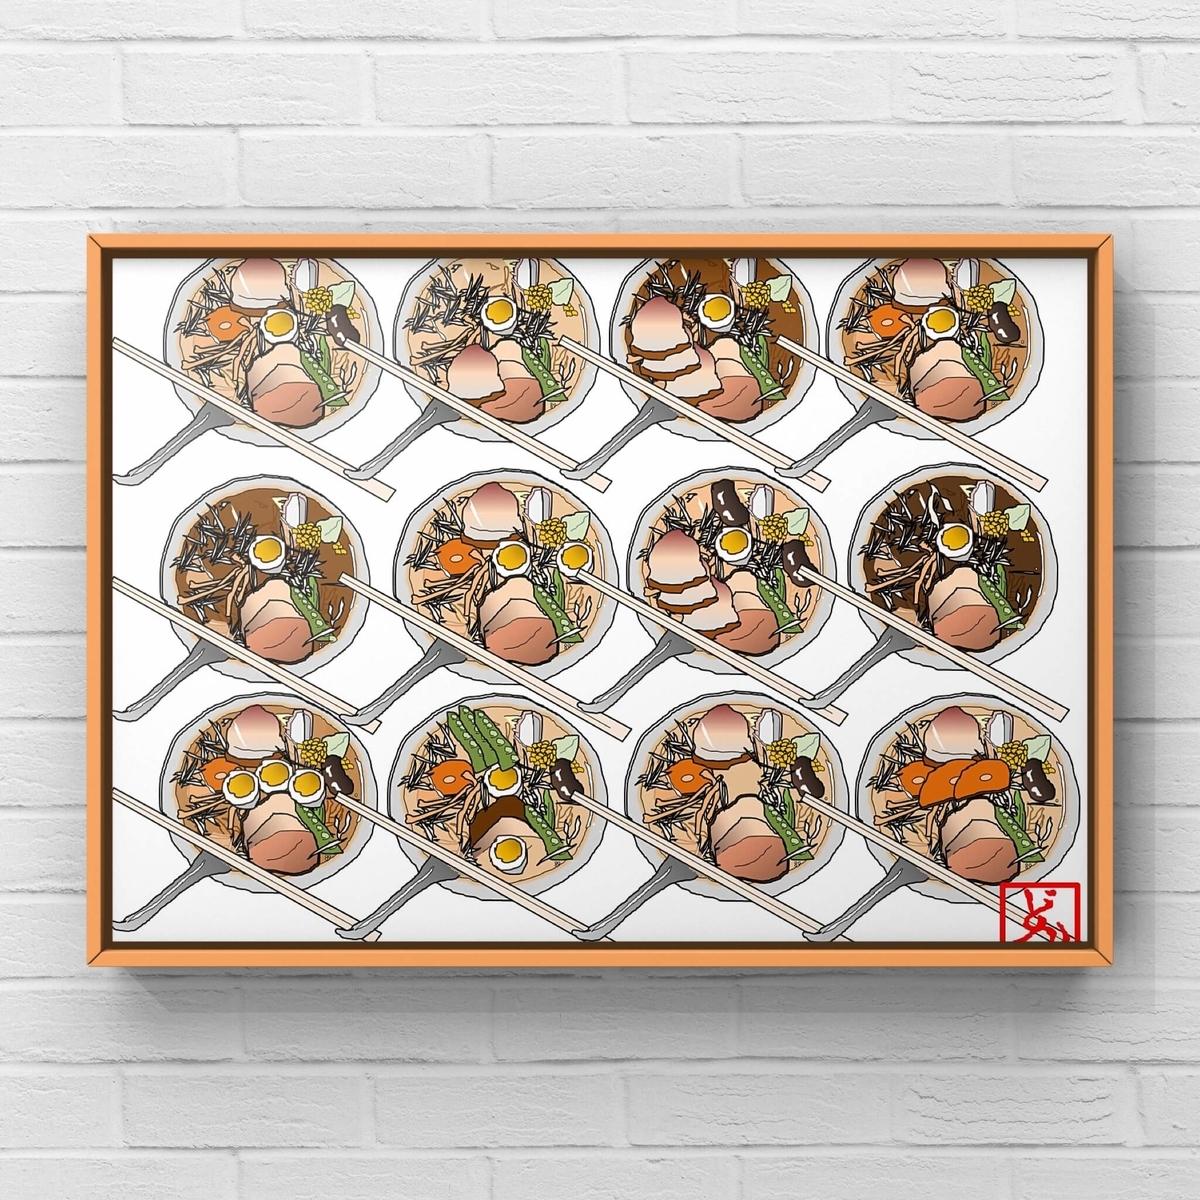 早稲田のメルシーの五目そばのバリエーションエクセル画イラスト額装版